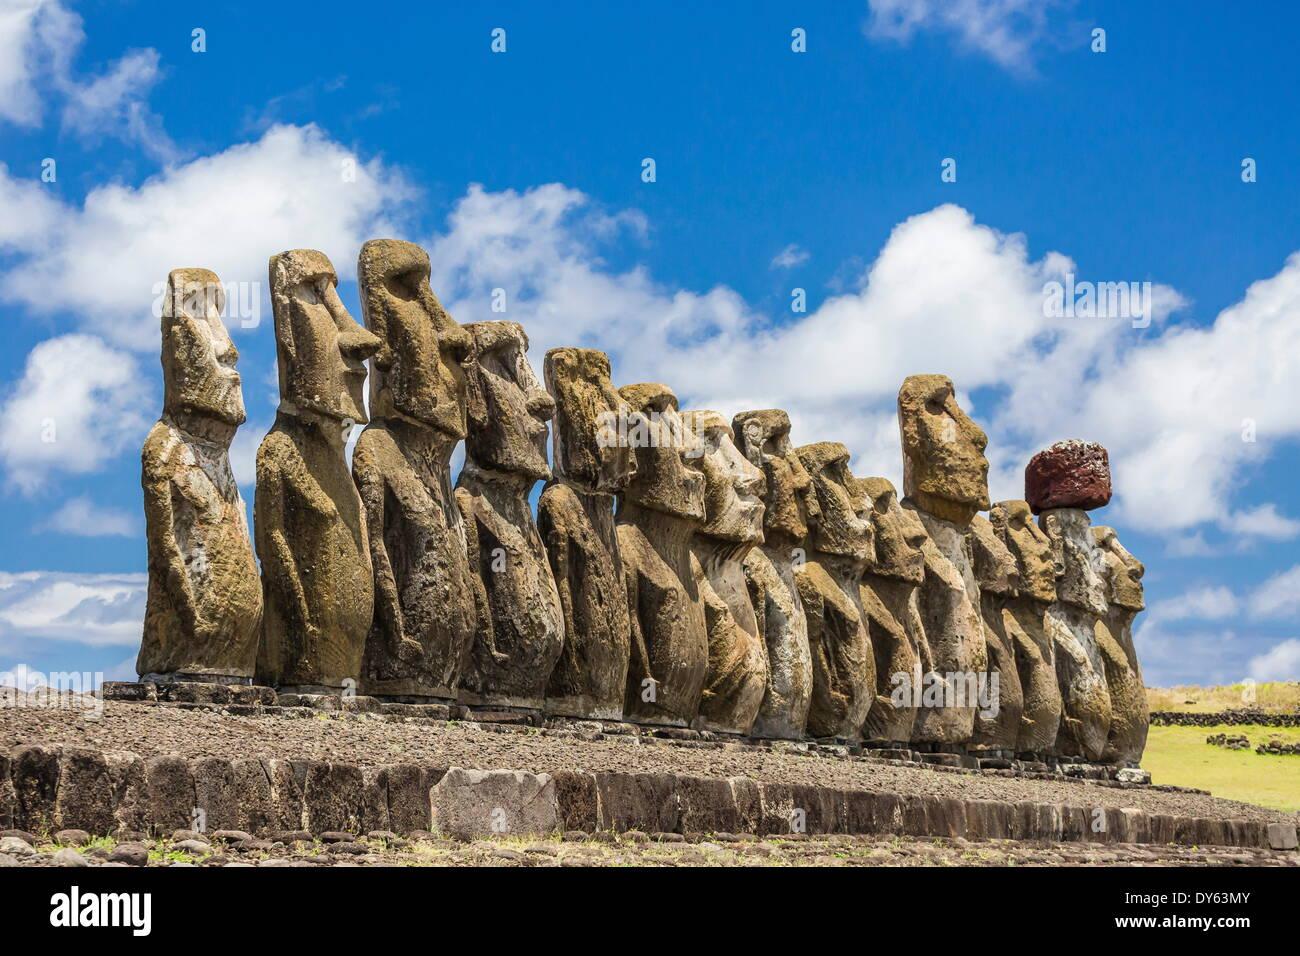 Quinze moai restauré à l'ahu Tongariki site de cérémonie sur l'île de Pâques (Isla de Pascua) (Rapa nui), site de l'UNESCO, le Chili Photo Stock